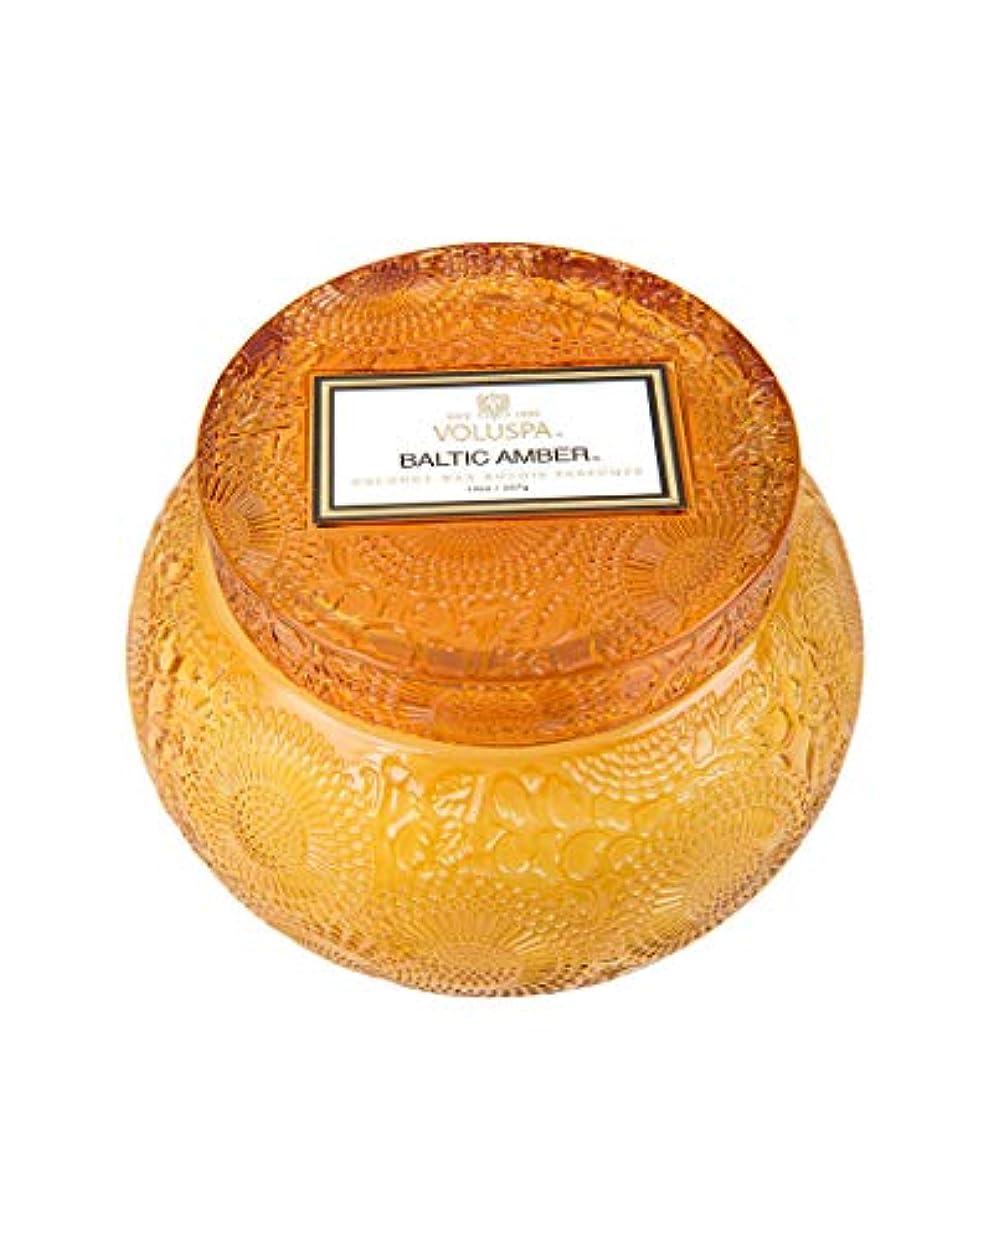 キルト事務所寛容なVOLUSPA チャワングラスキャンドル Baltic Amber バルティックアンバー GLASS CANDLE ボルスパ